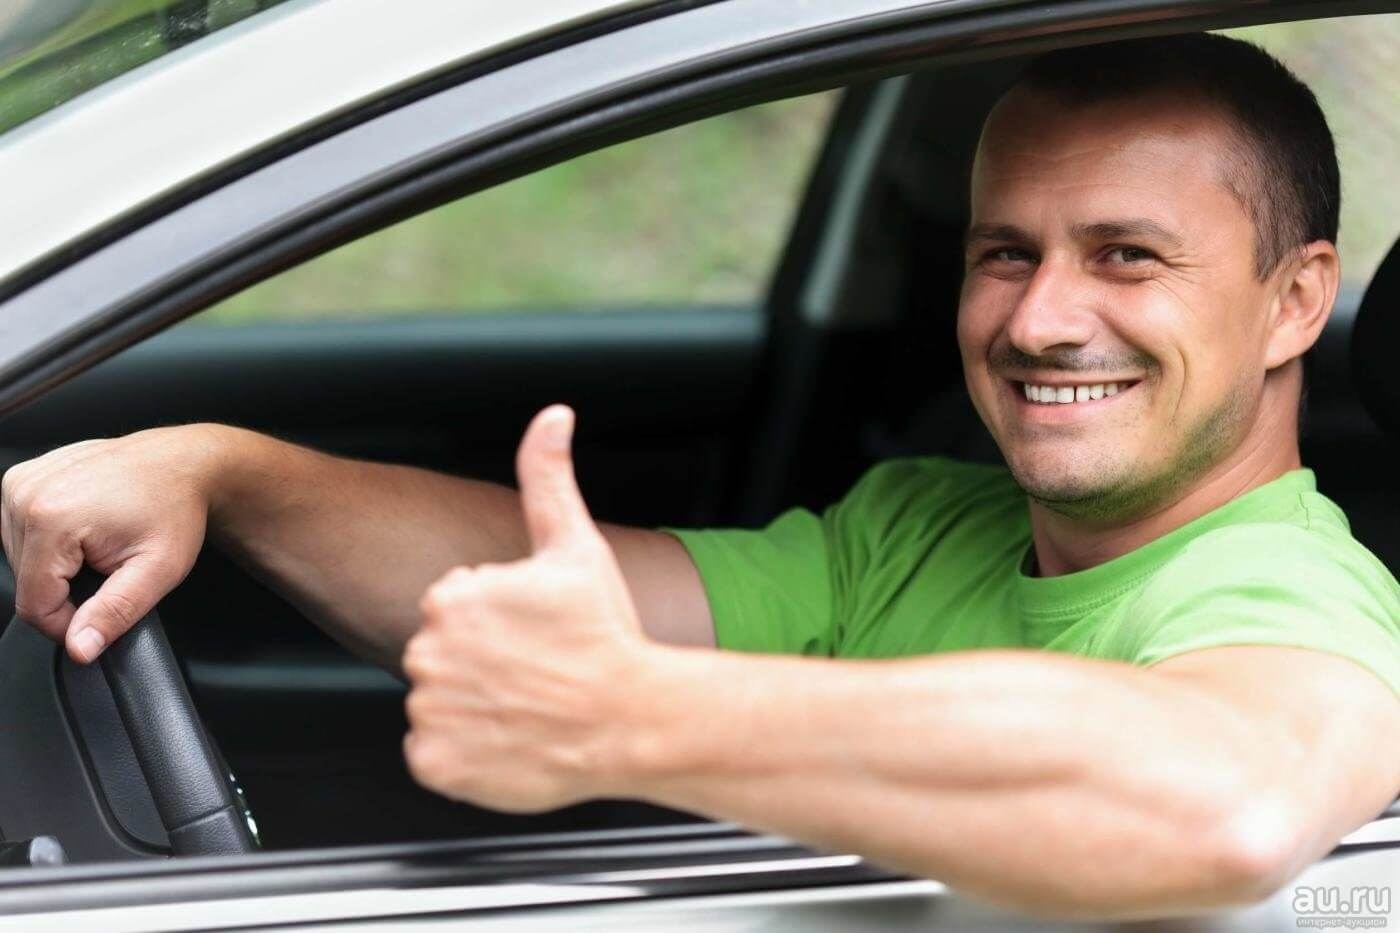 Скачать трудовой договор с водителем. Гражданско правовой договор с водителем образец